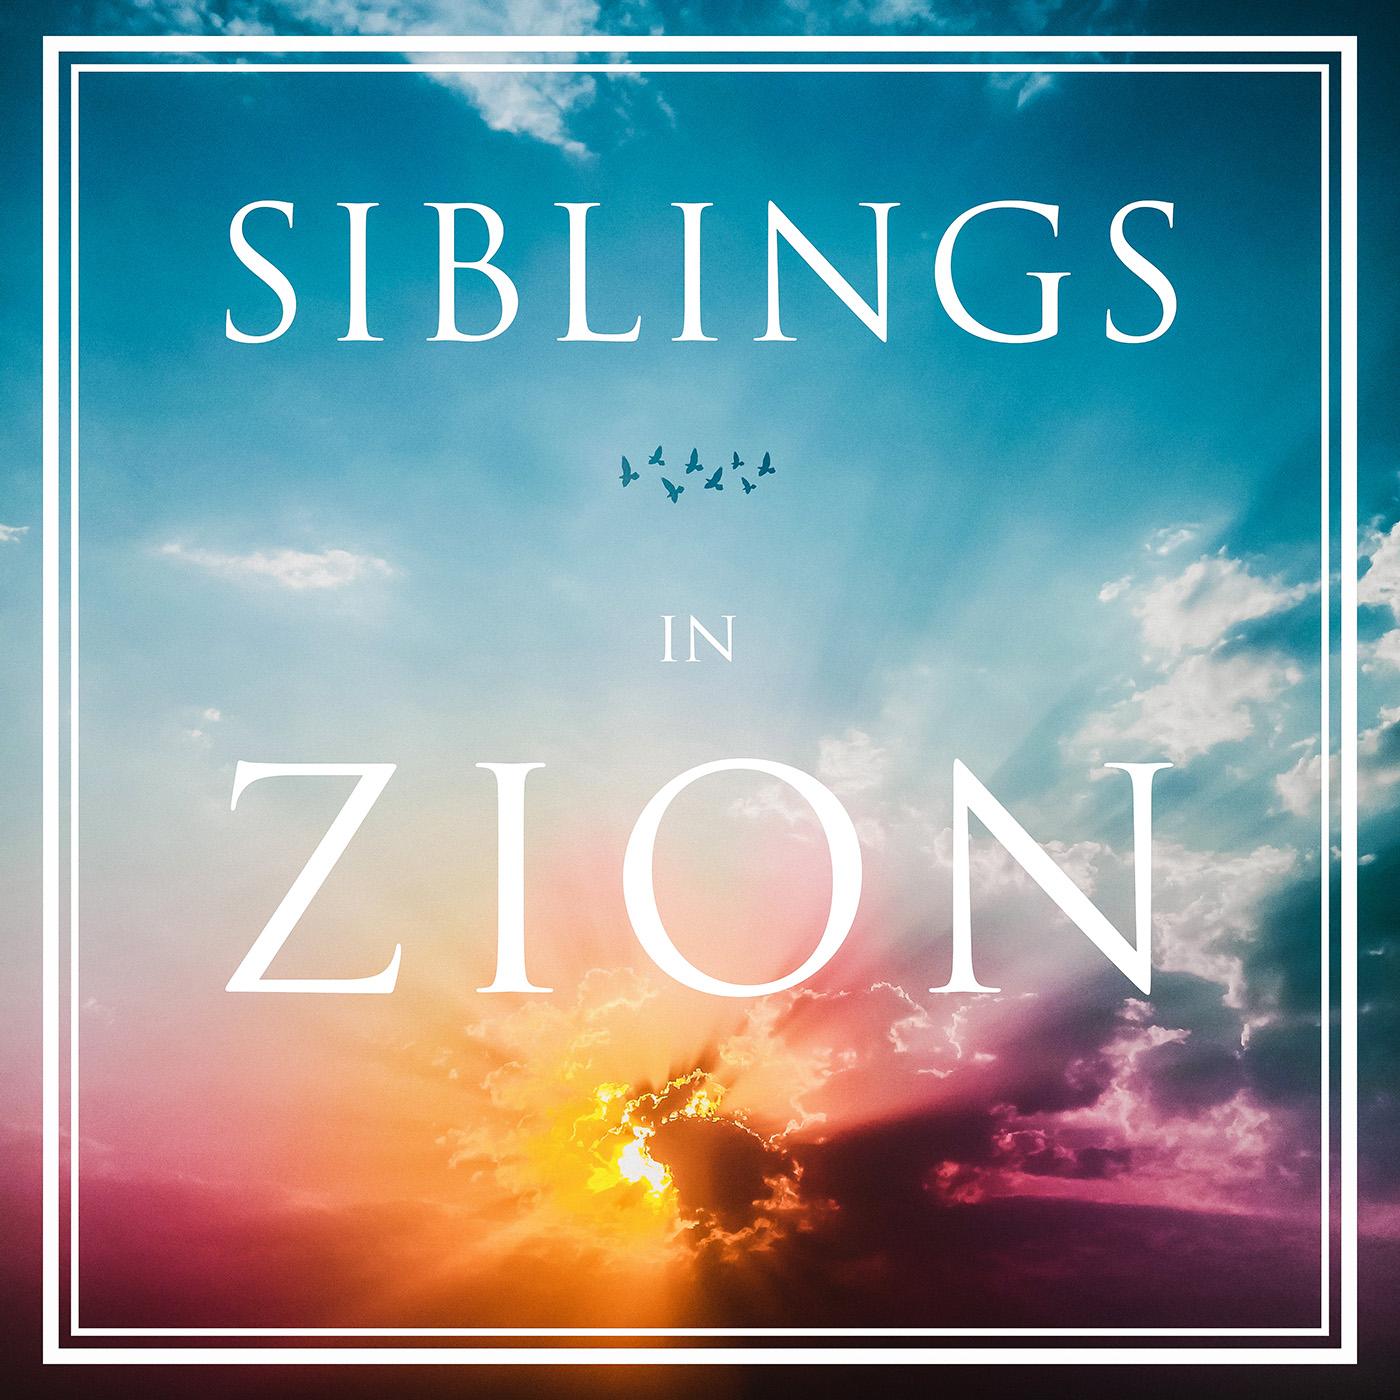 Siblings in Zion show art